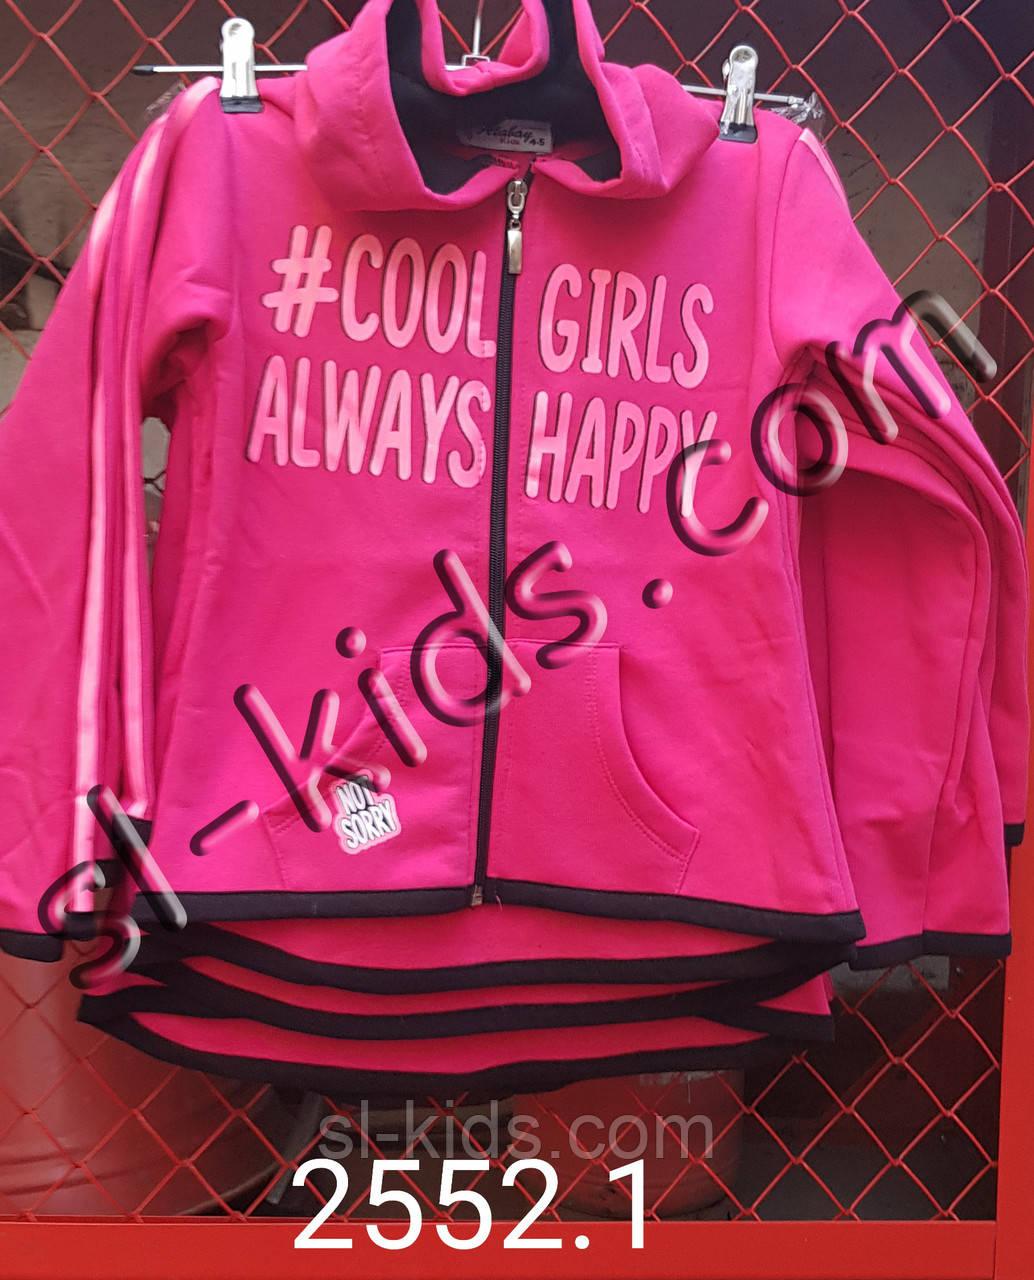 Худи с капюшоном на байке 5-8 лет для девочки (3-х нитка) Atabay (2552.1)